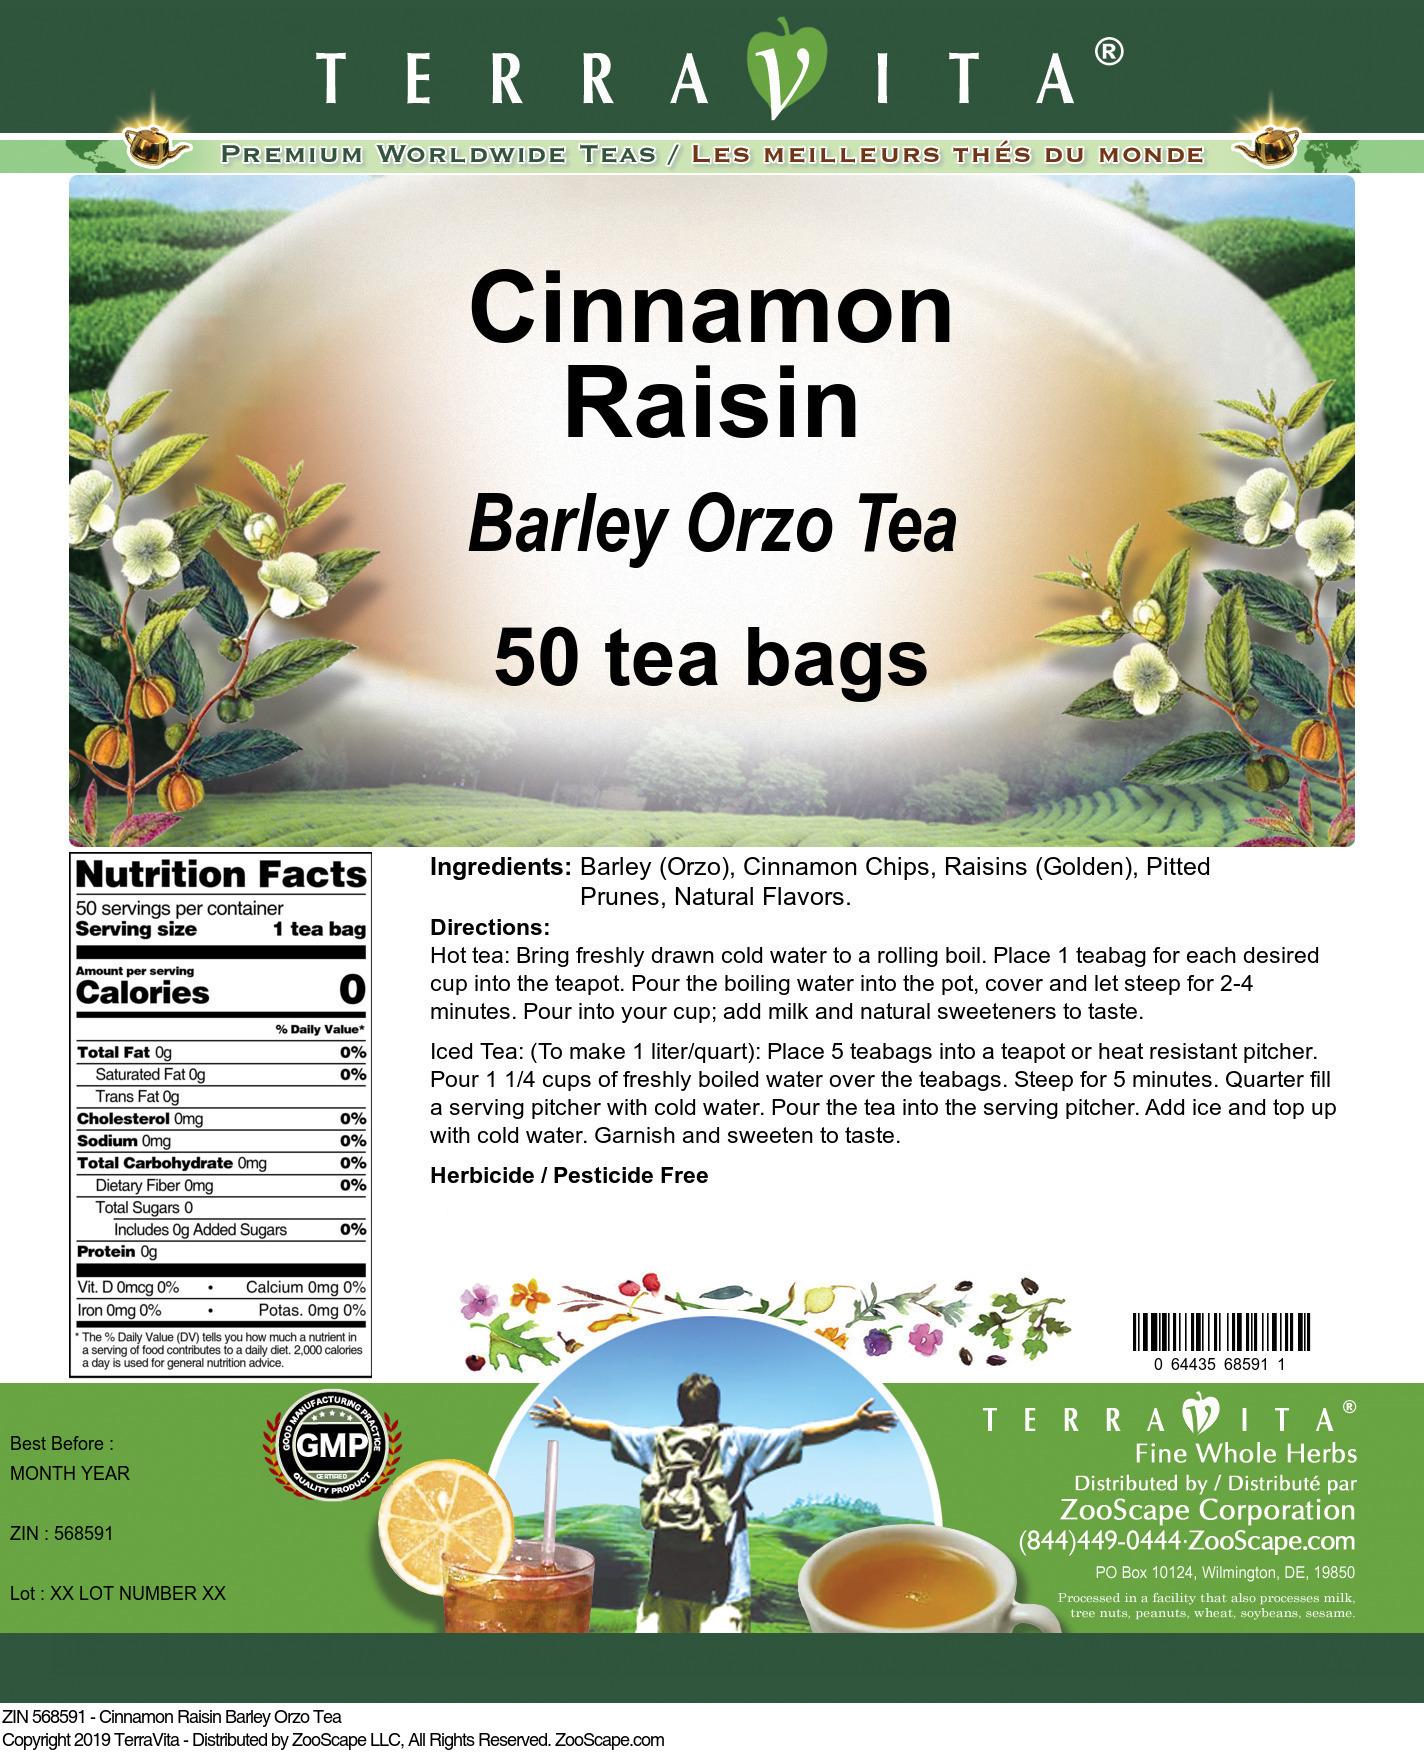 Cinnamon Raisin Barley Orzo